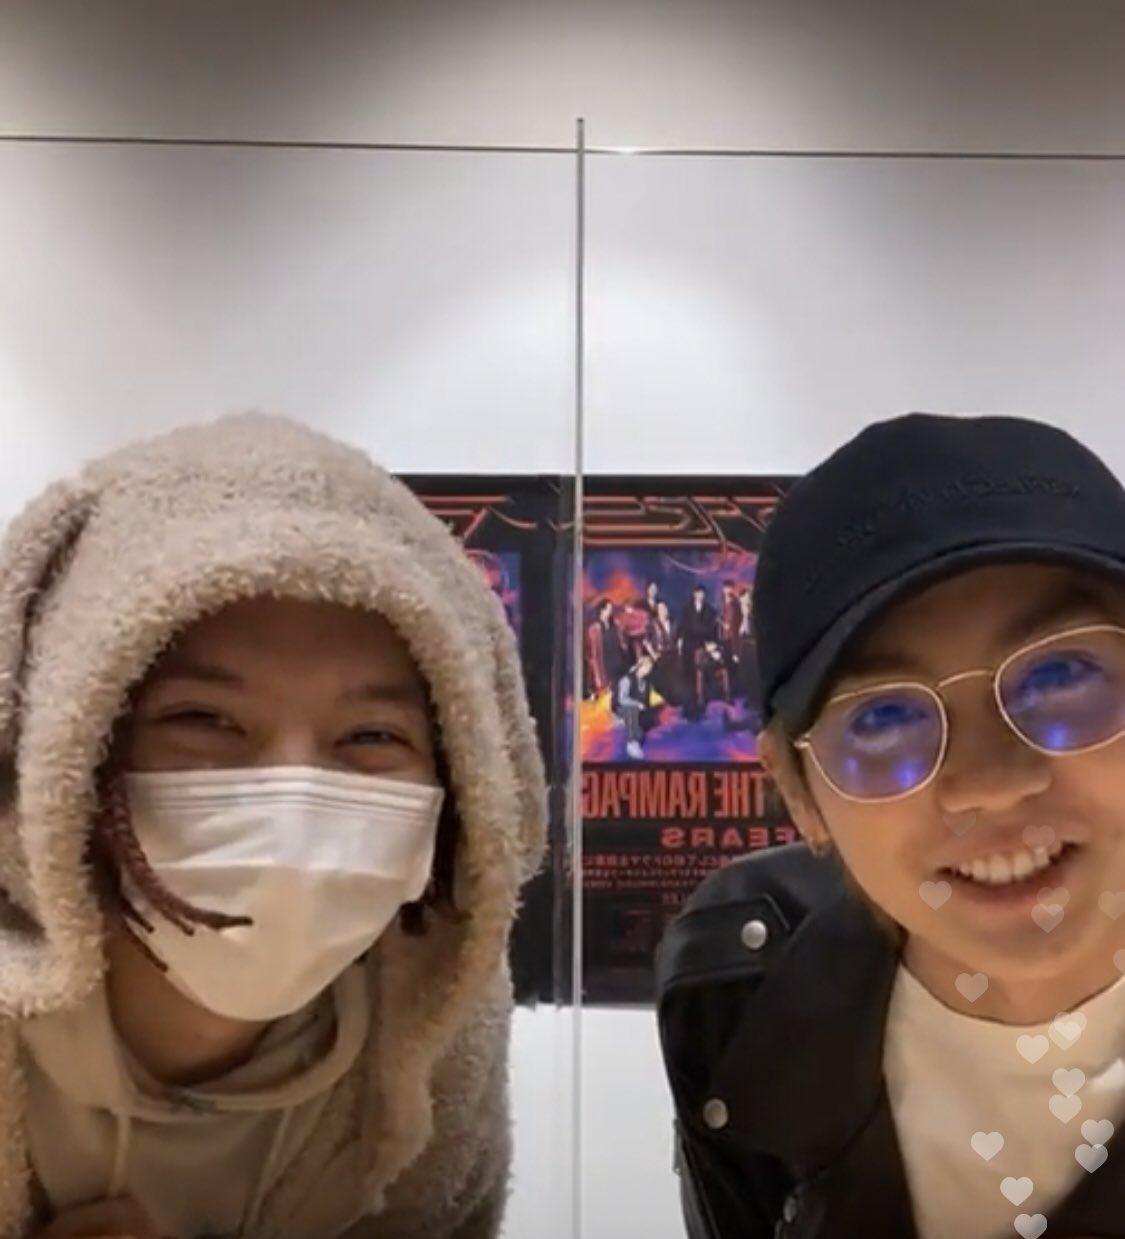 ジェラートピケ新作を着る鈴木昂秀さんの画像